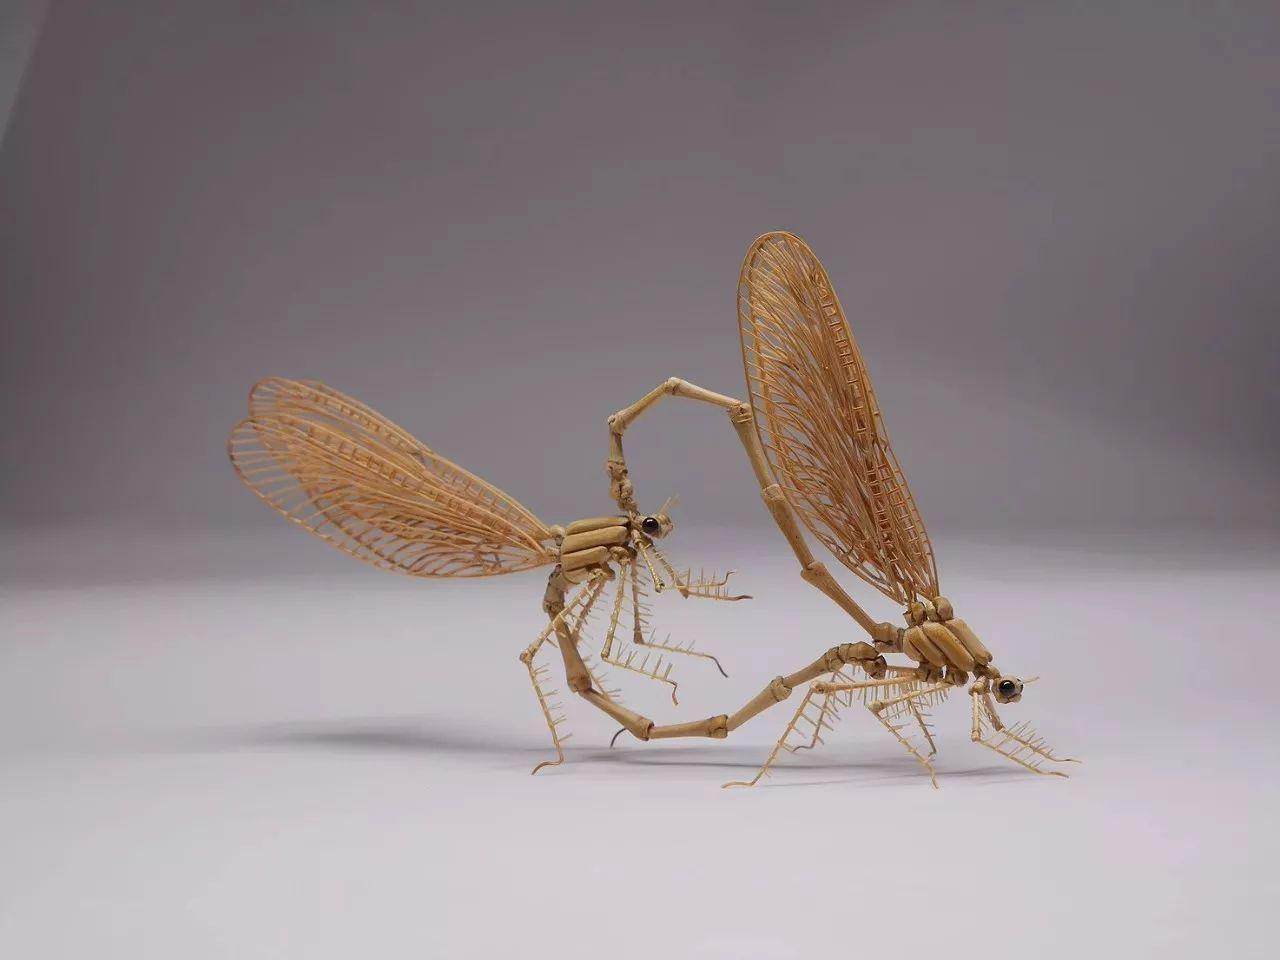 这位艺术家手作的昆虫竹细工美到令人惊叹